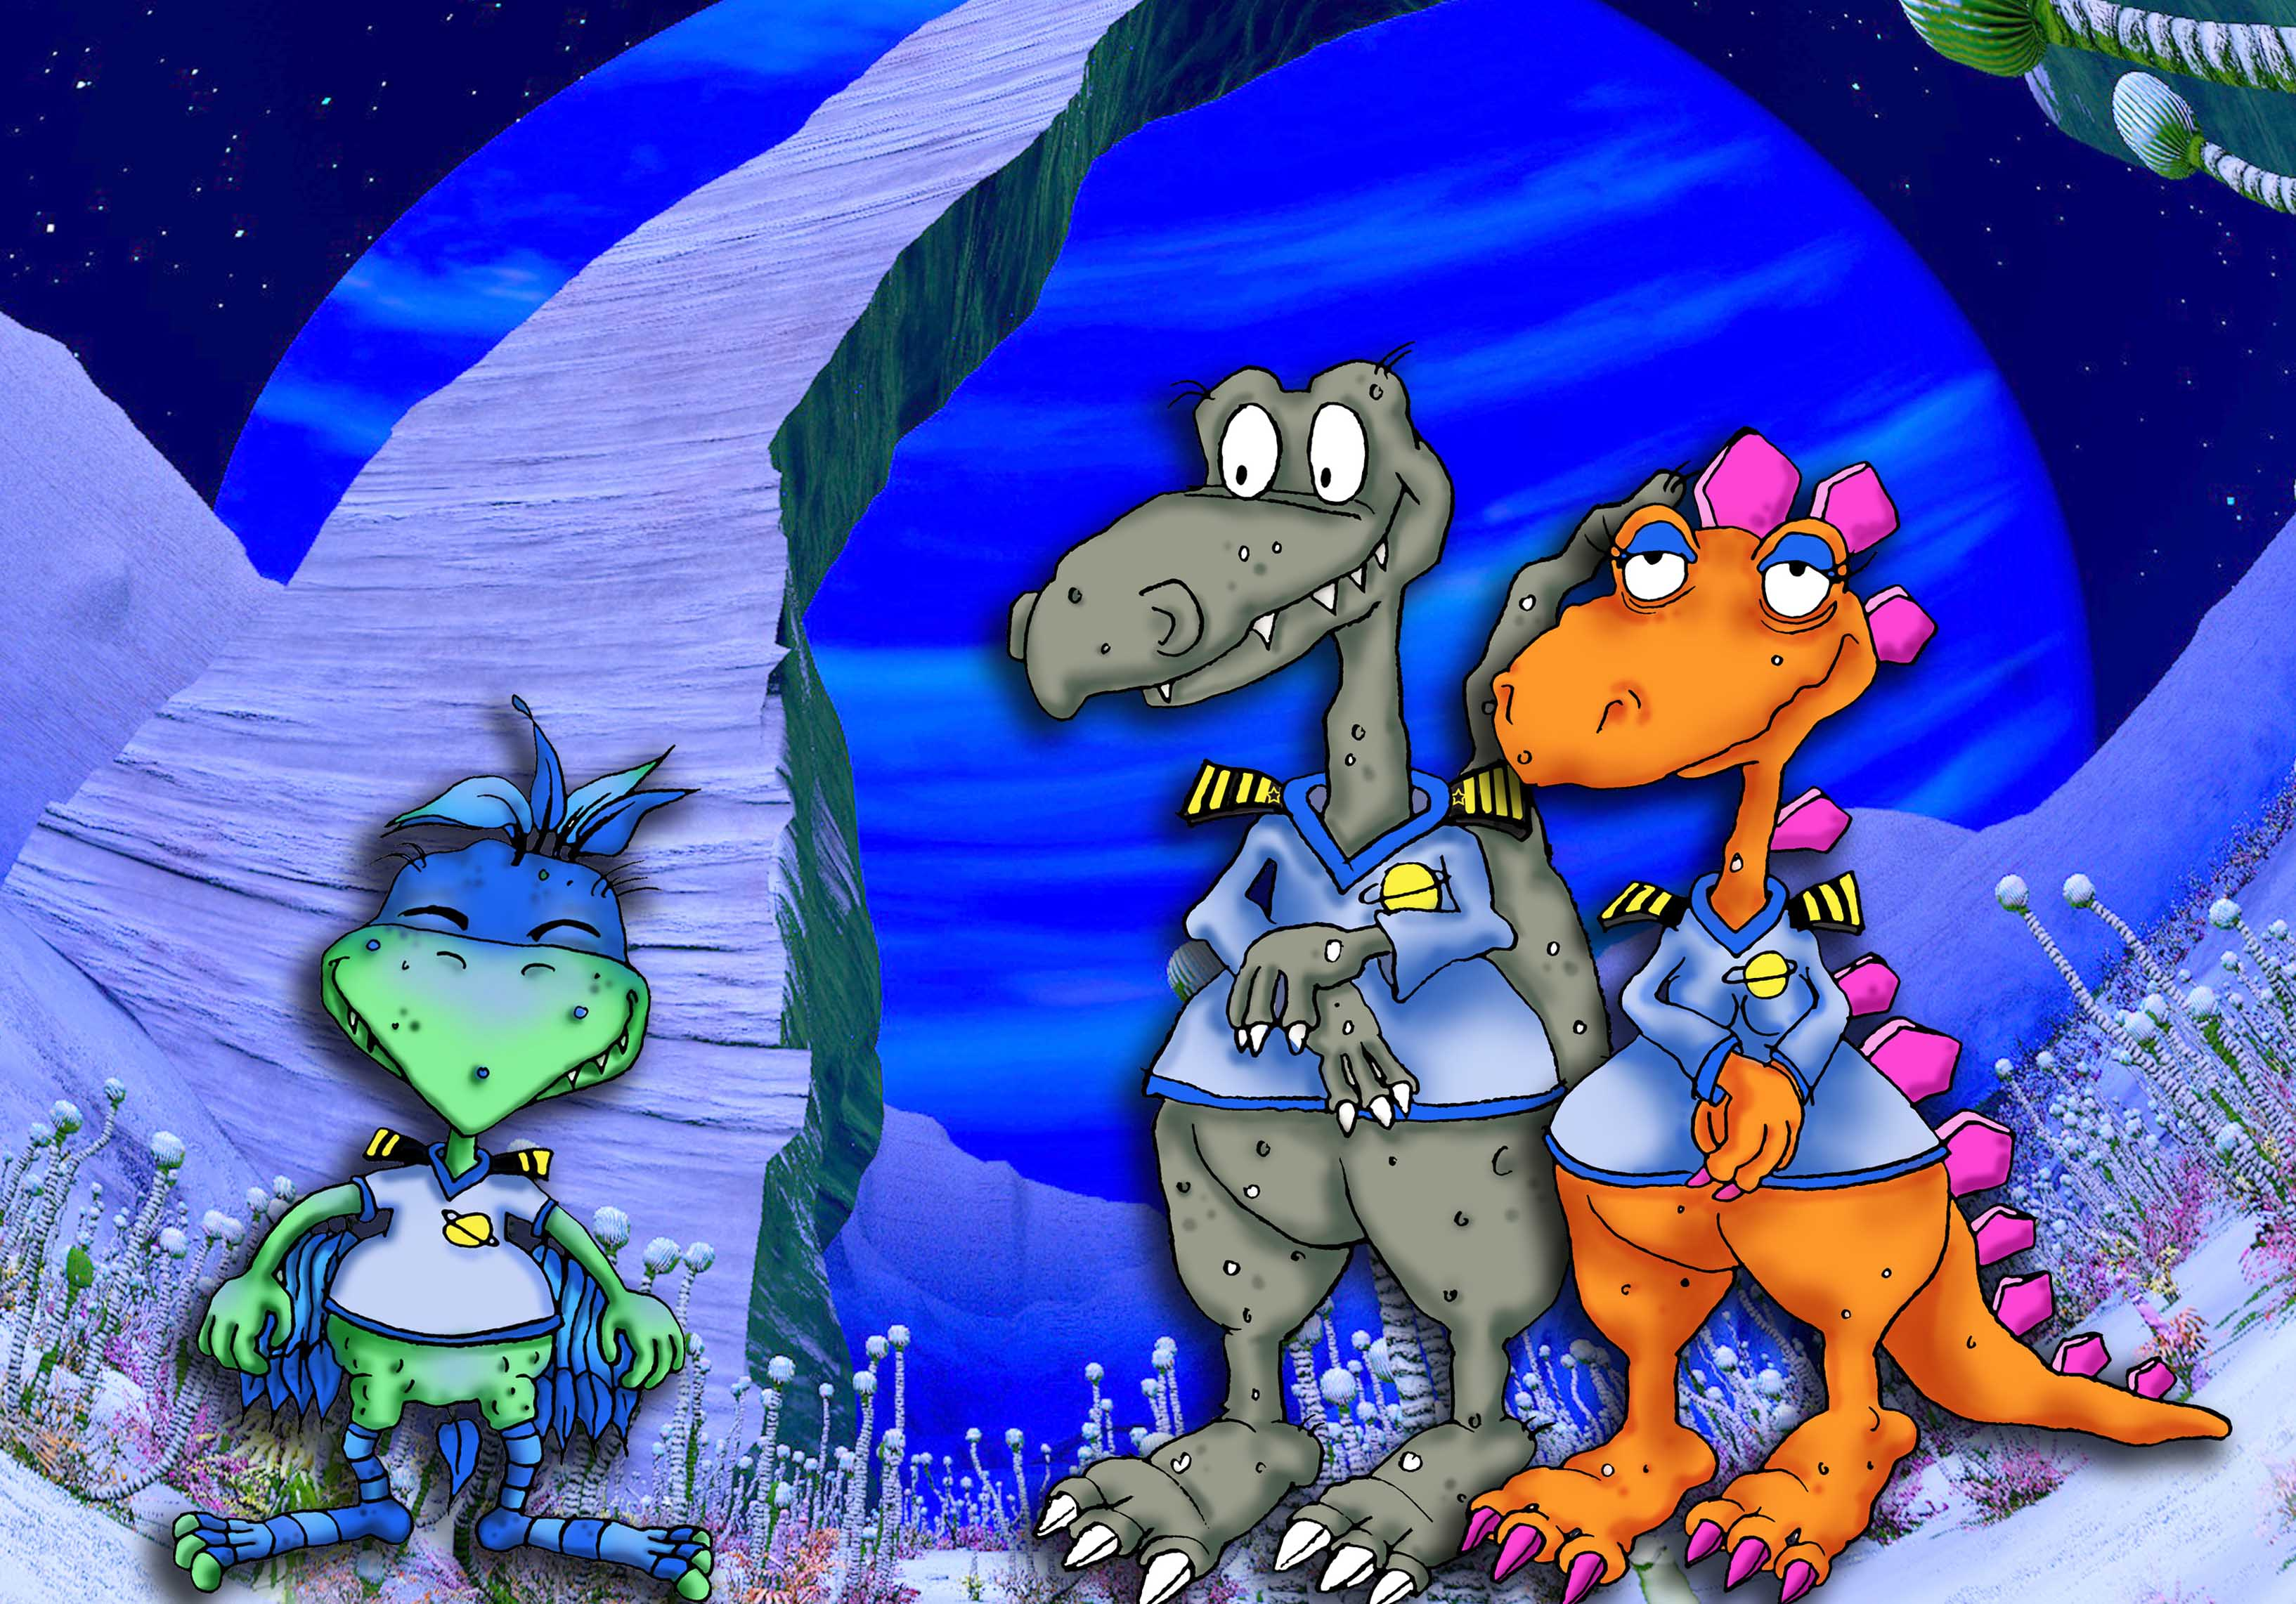 Bilddatei: Dinos04(kl).jpg